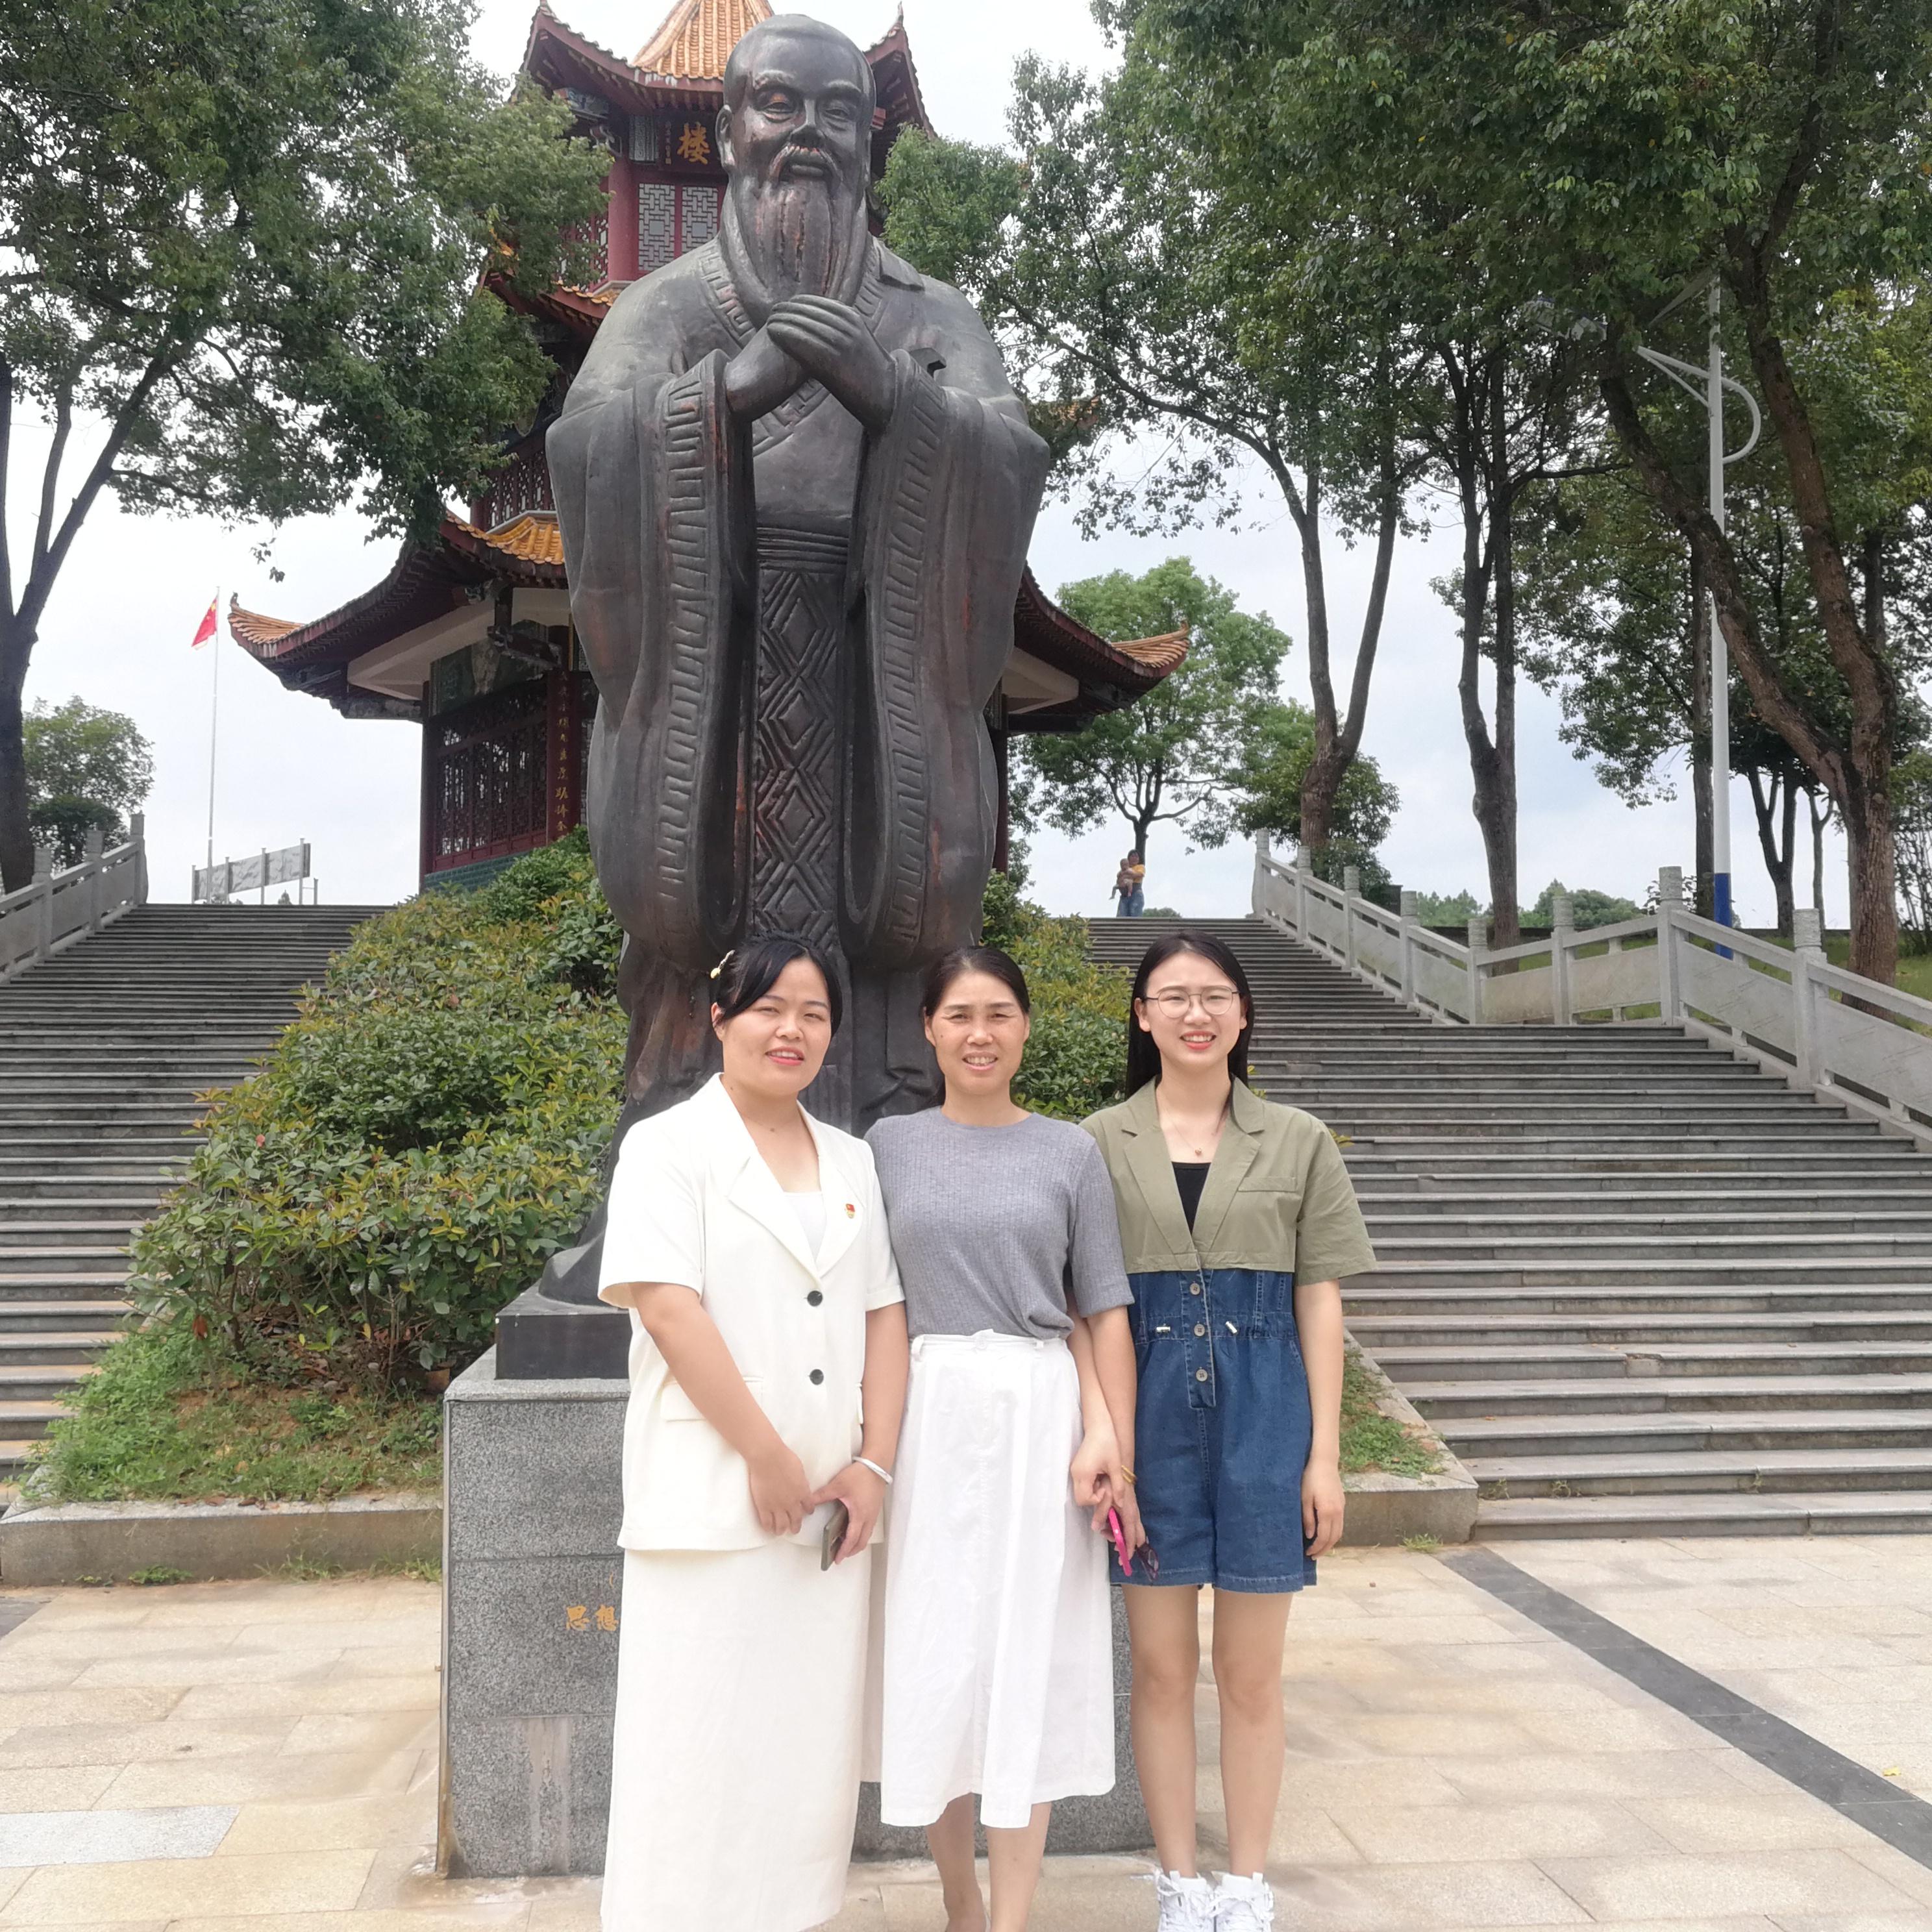 朱晖(中)现任学校初三年级组长,她十分关心年轻老师的成长。图为她在校园孔子雕像前与年轻老师在一起。 长沙晚报全媒体记者  黎铁桥摄